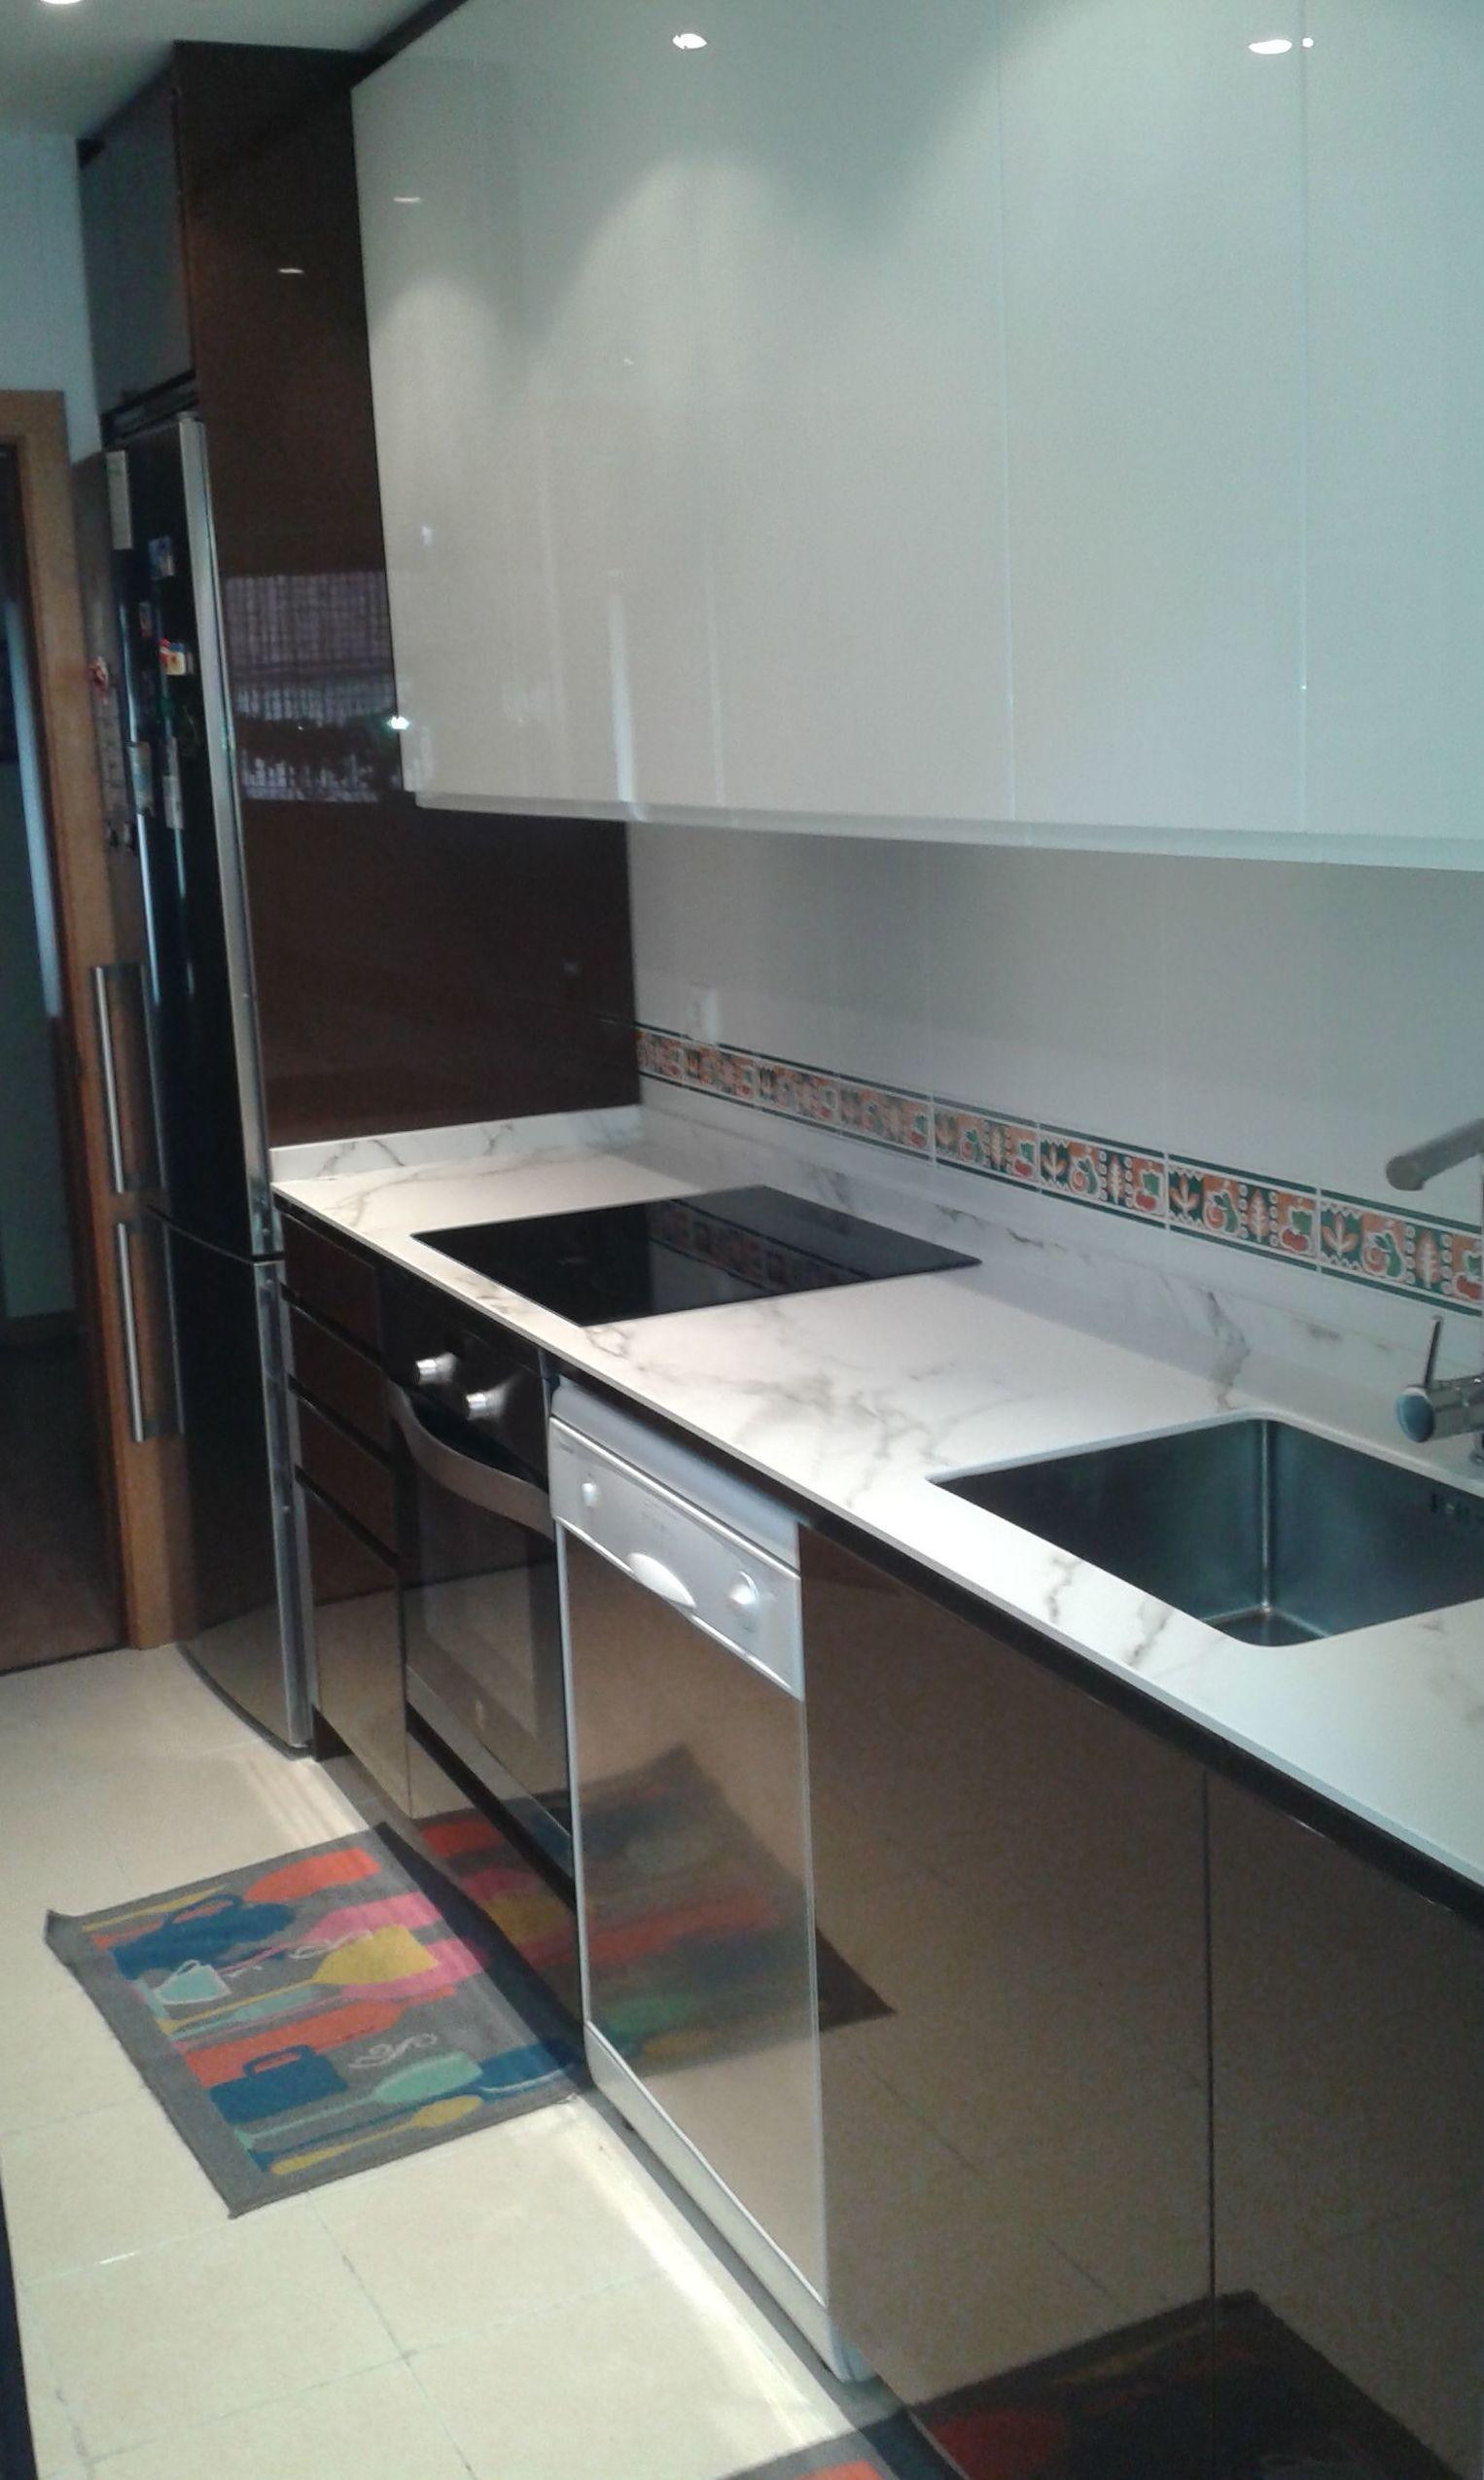 Muebles de Cocina - Proyecto realizado en carabanchel: Catálogo de Diseño Cocinas MC